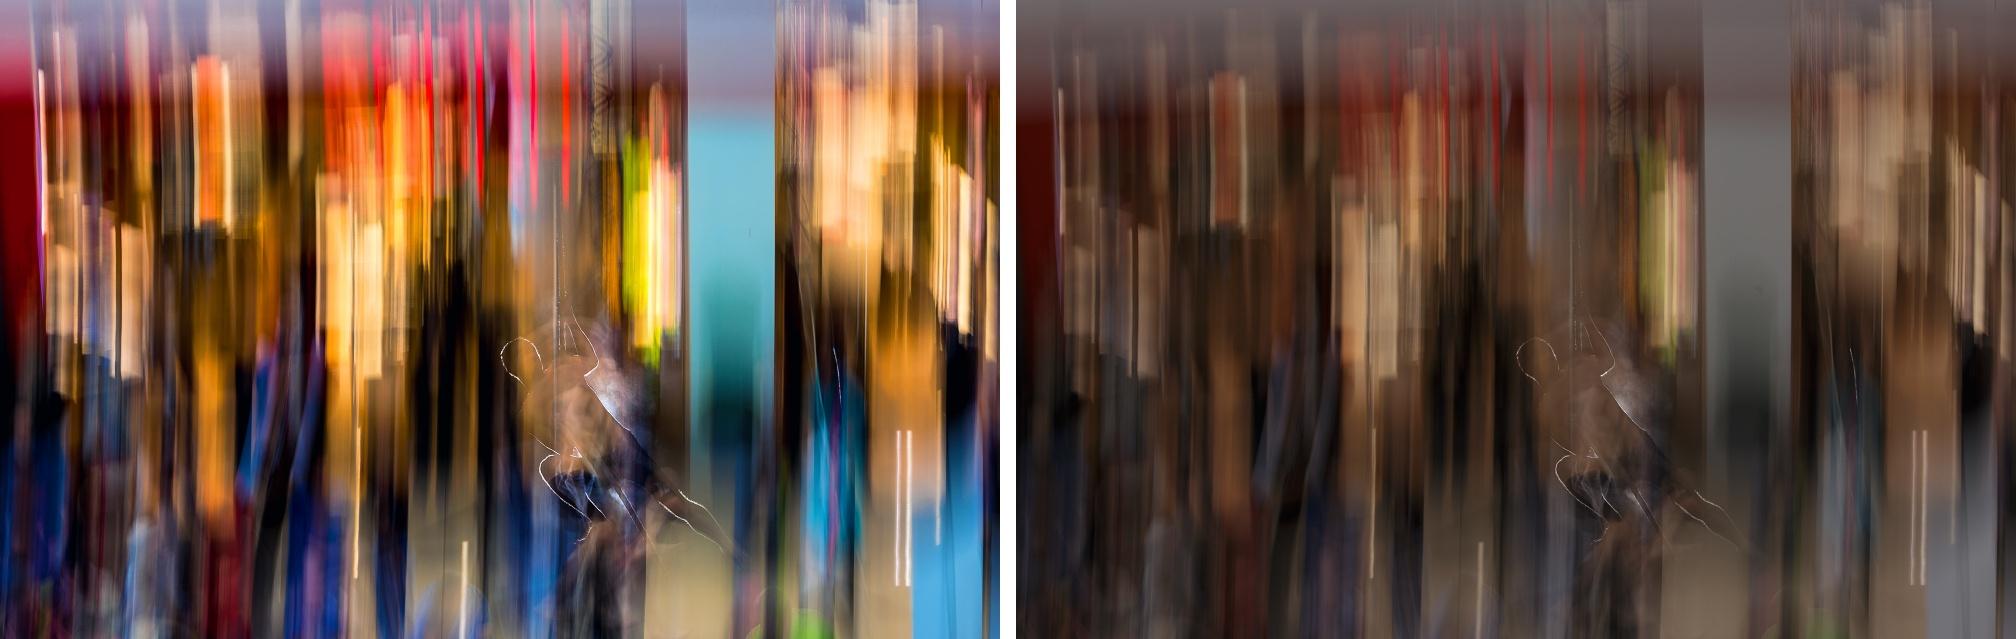 Lokální kontrast, kontrast, saturace s cílem vytáhnout zejména modré barvy